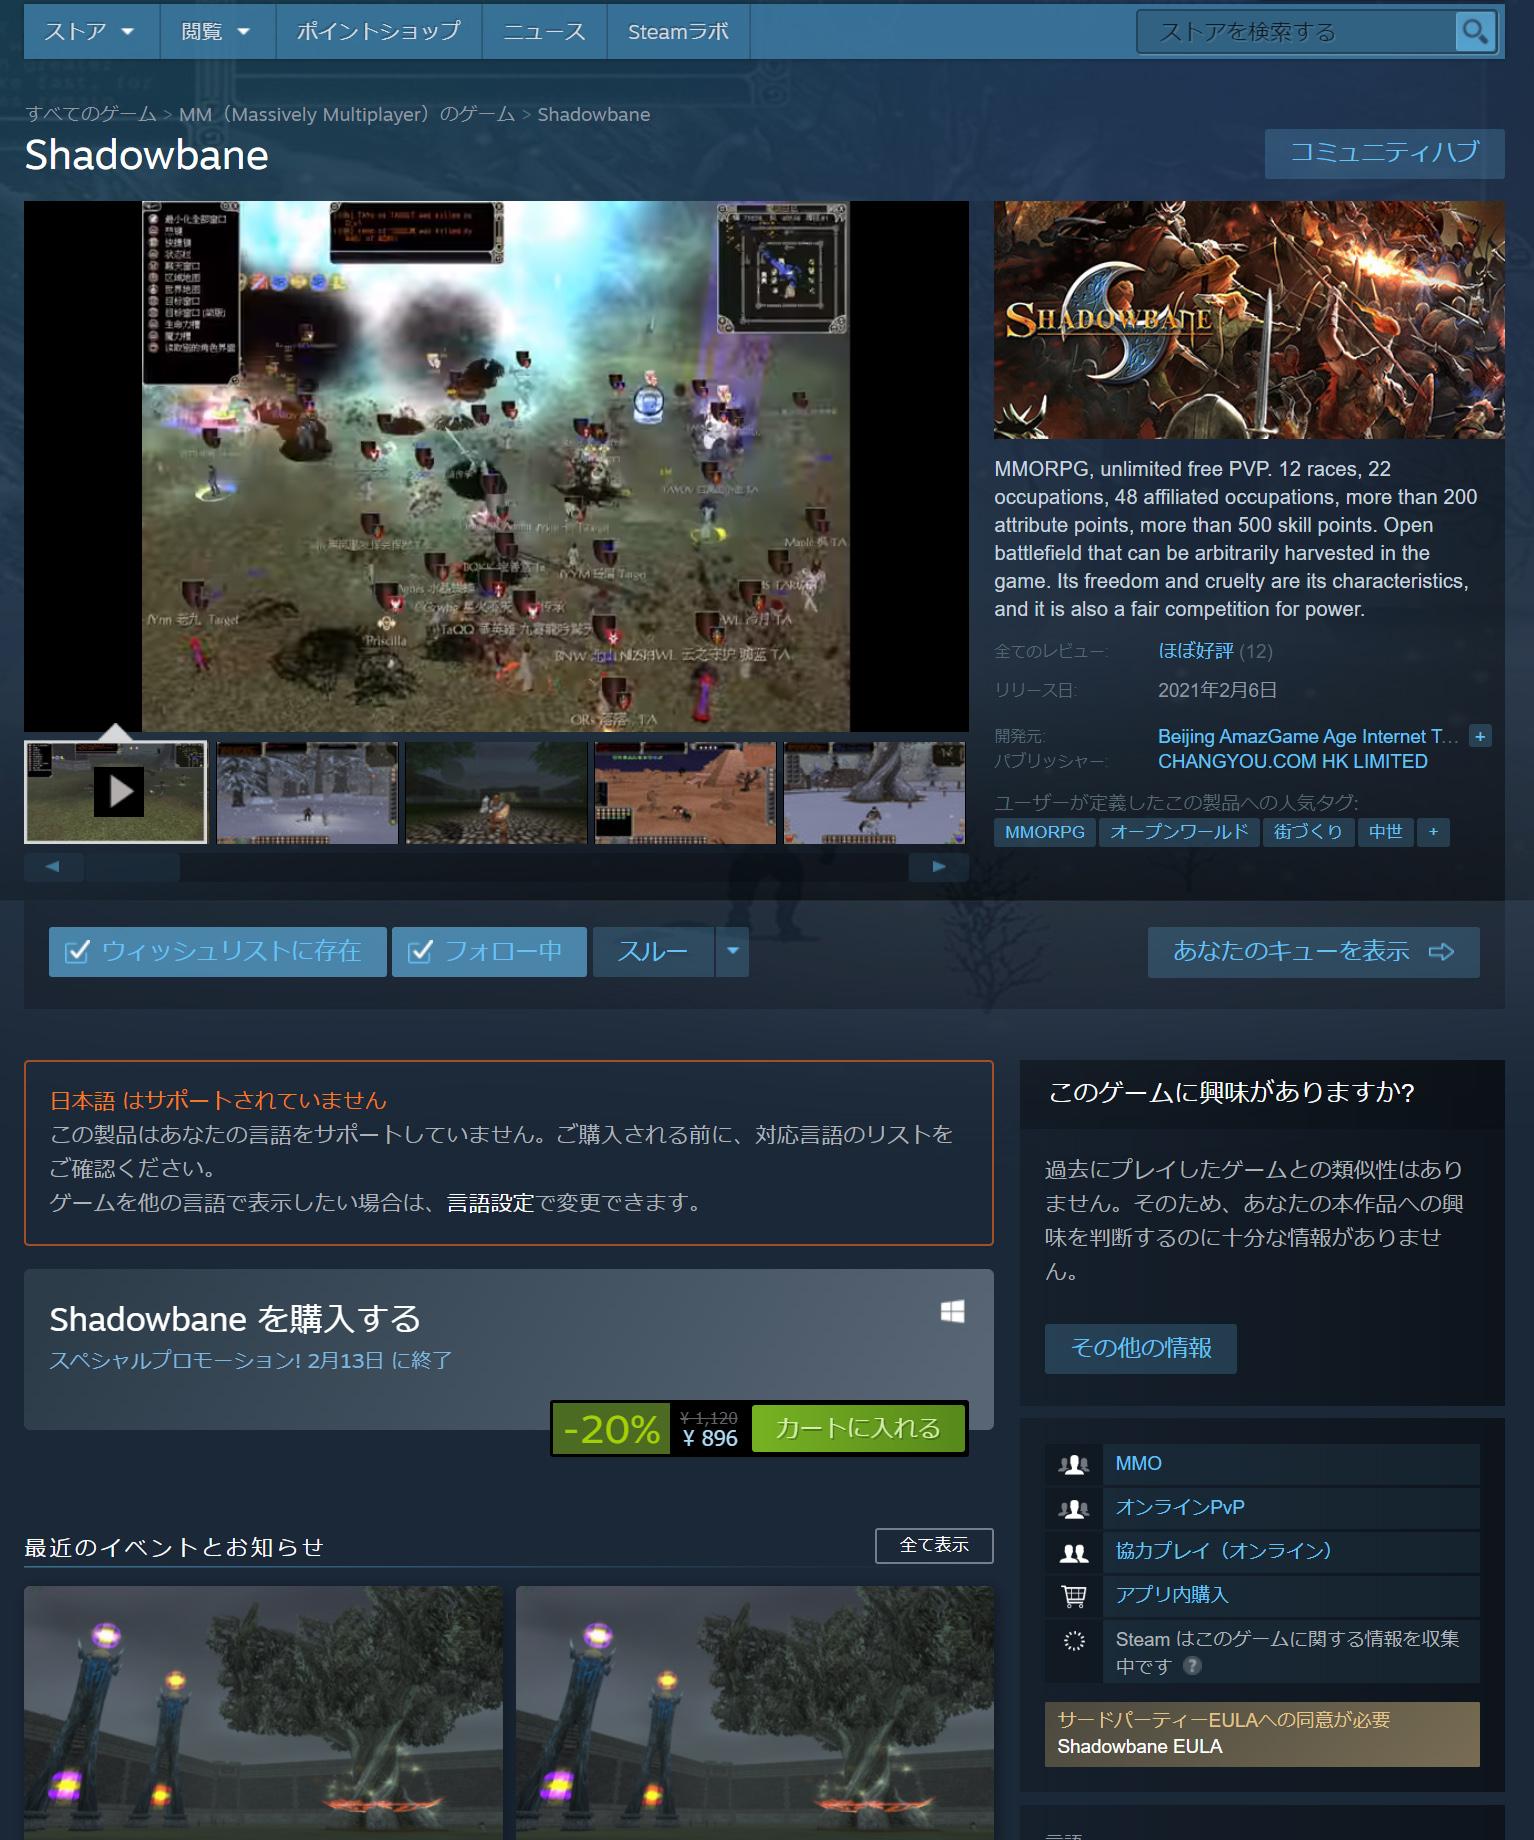 Shadowbane in Steam.jpg